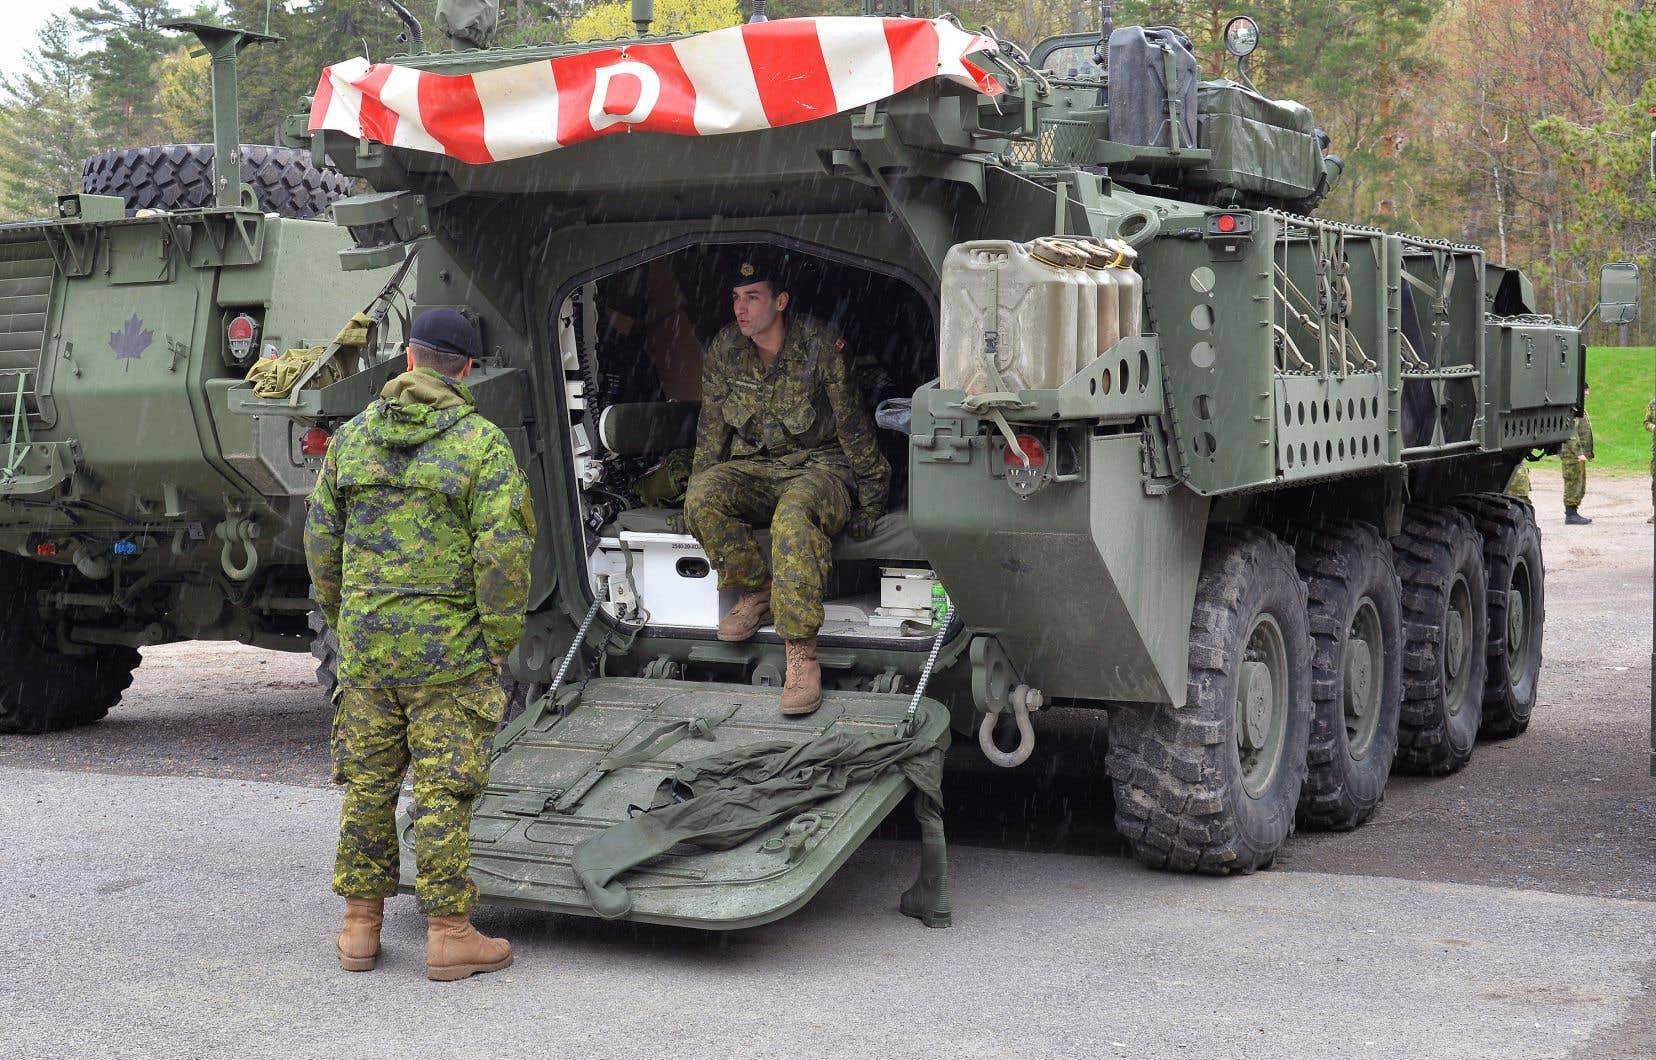 Jusqu'à 24000 membres des forces régulières et réservistes sont disponibles si nécessaire.